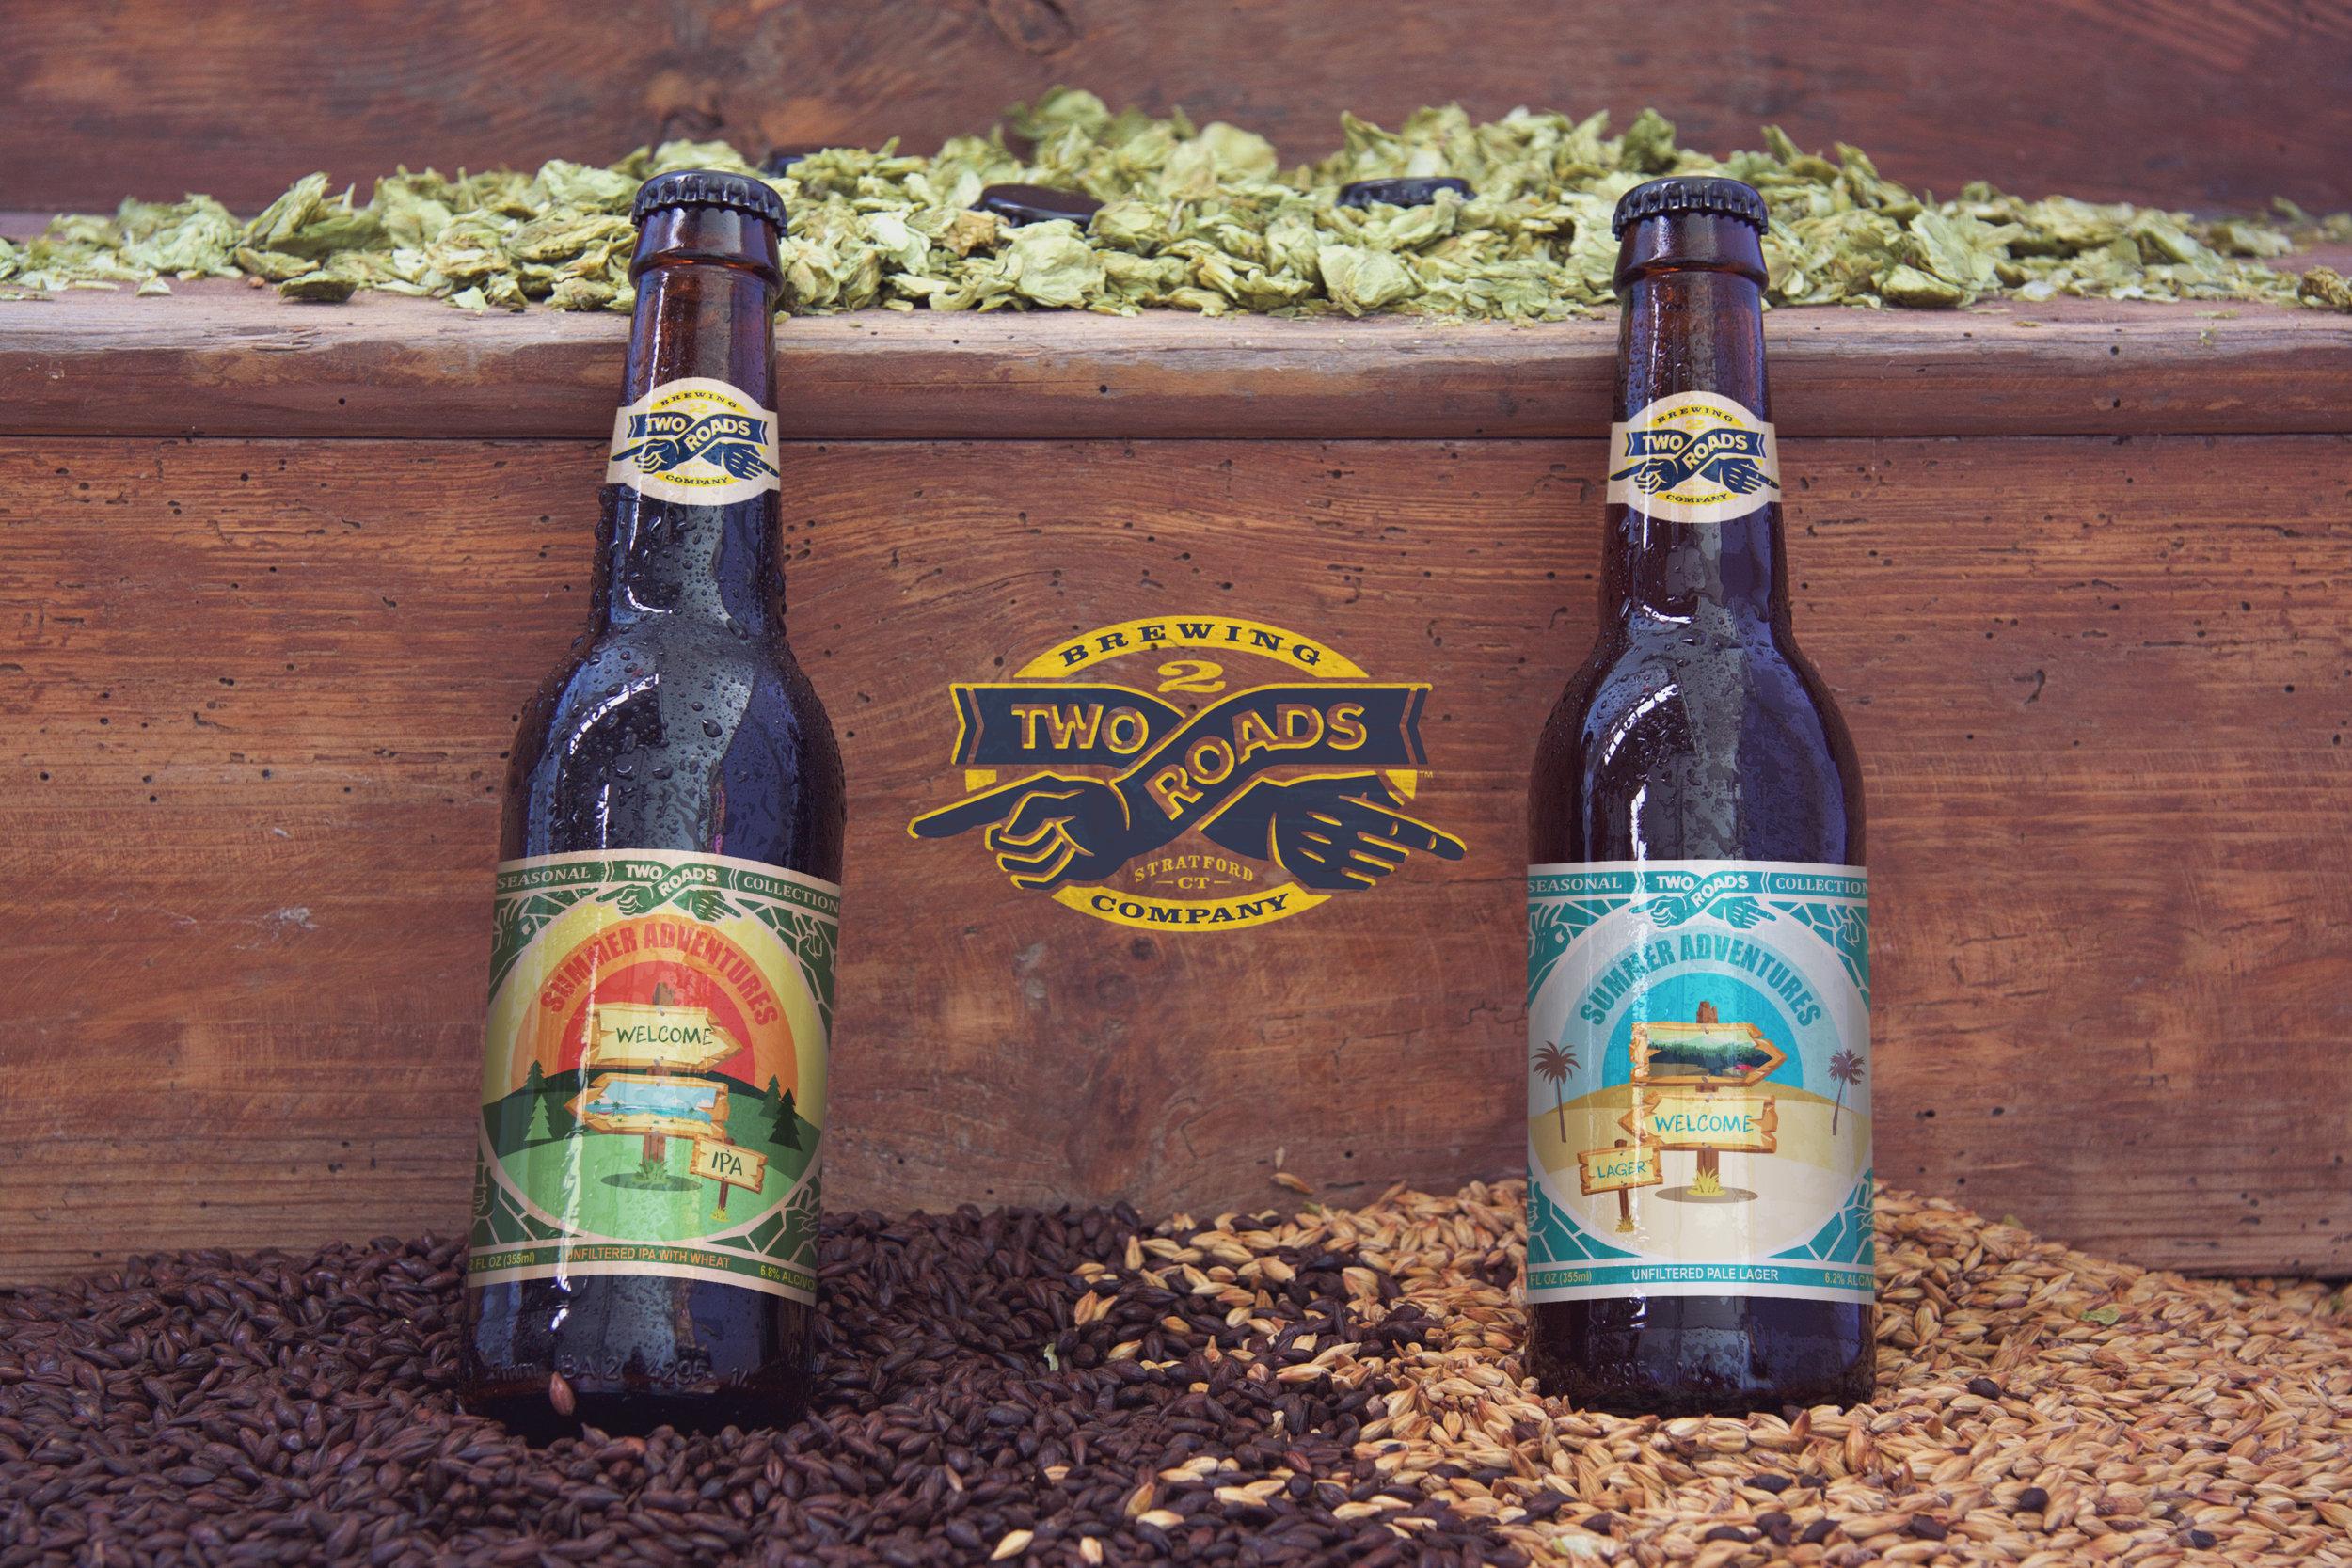 Black-&-Tan-Beer-Mockup-2.jpg